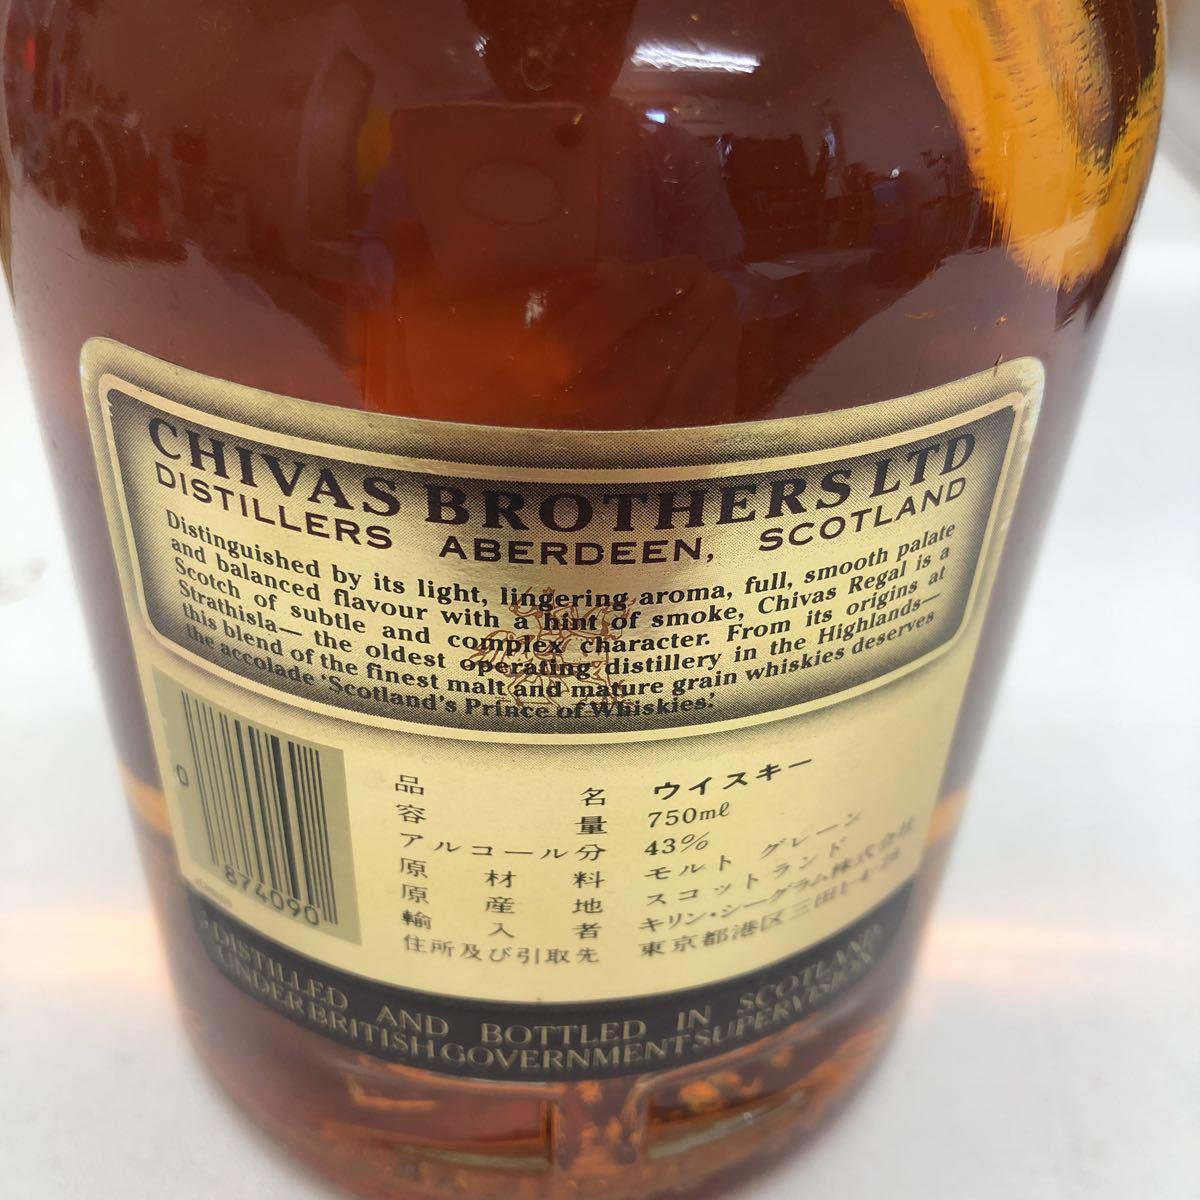 【未開封】CHIVAS BROTHERS ROYAL SALUTE 陶器ボトル1307g 700ml 40%/CHIVAS REGAL 12年 750ml 43% 計2本 外箱付き_画像8